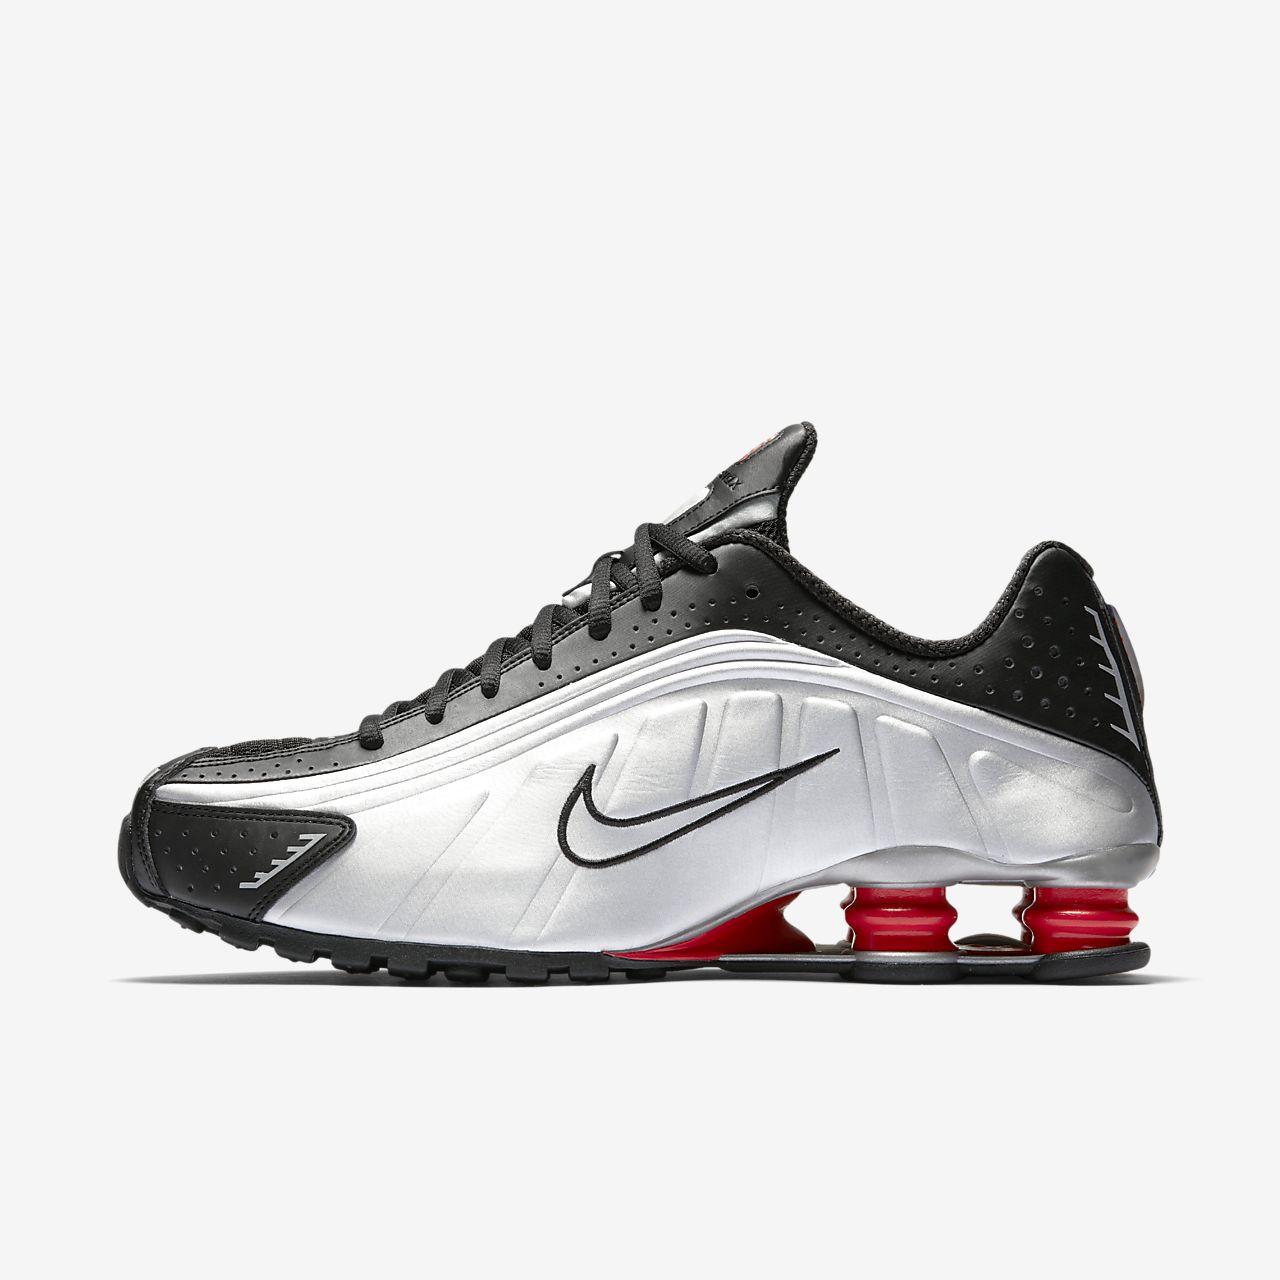 64614ef73f Scarpa Nike Shox R4